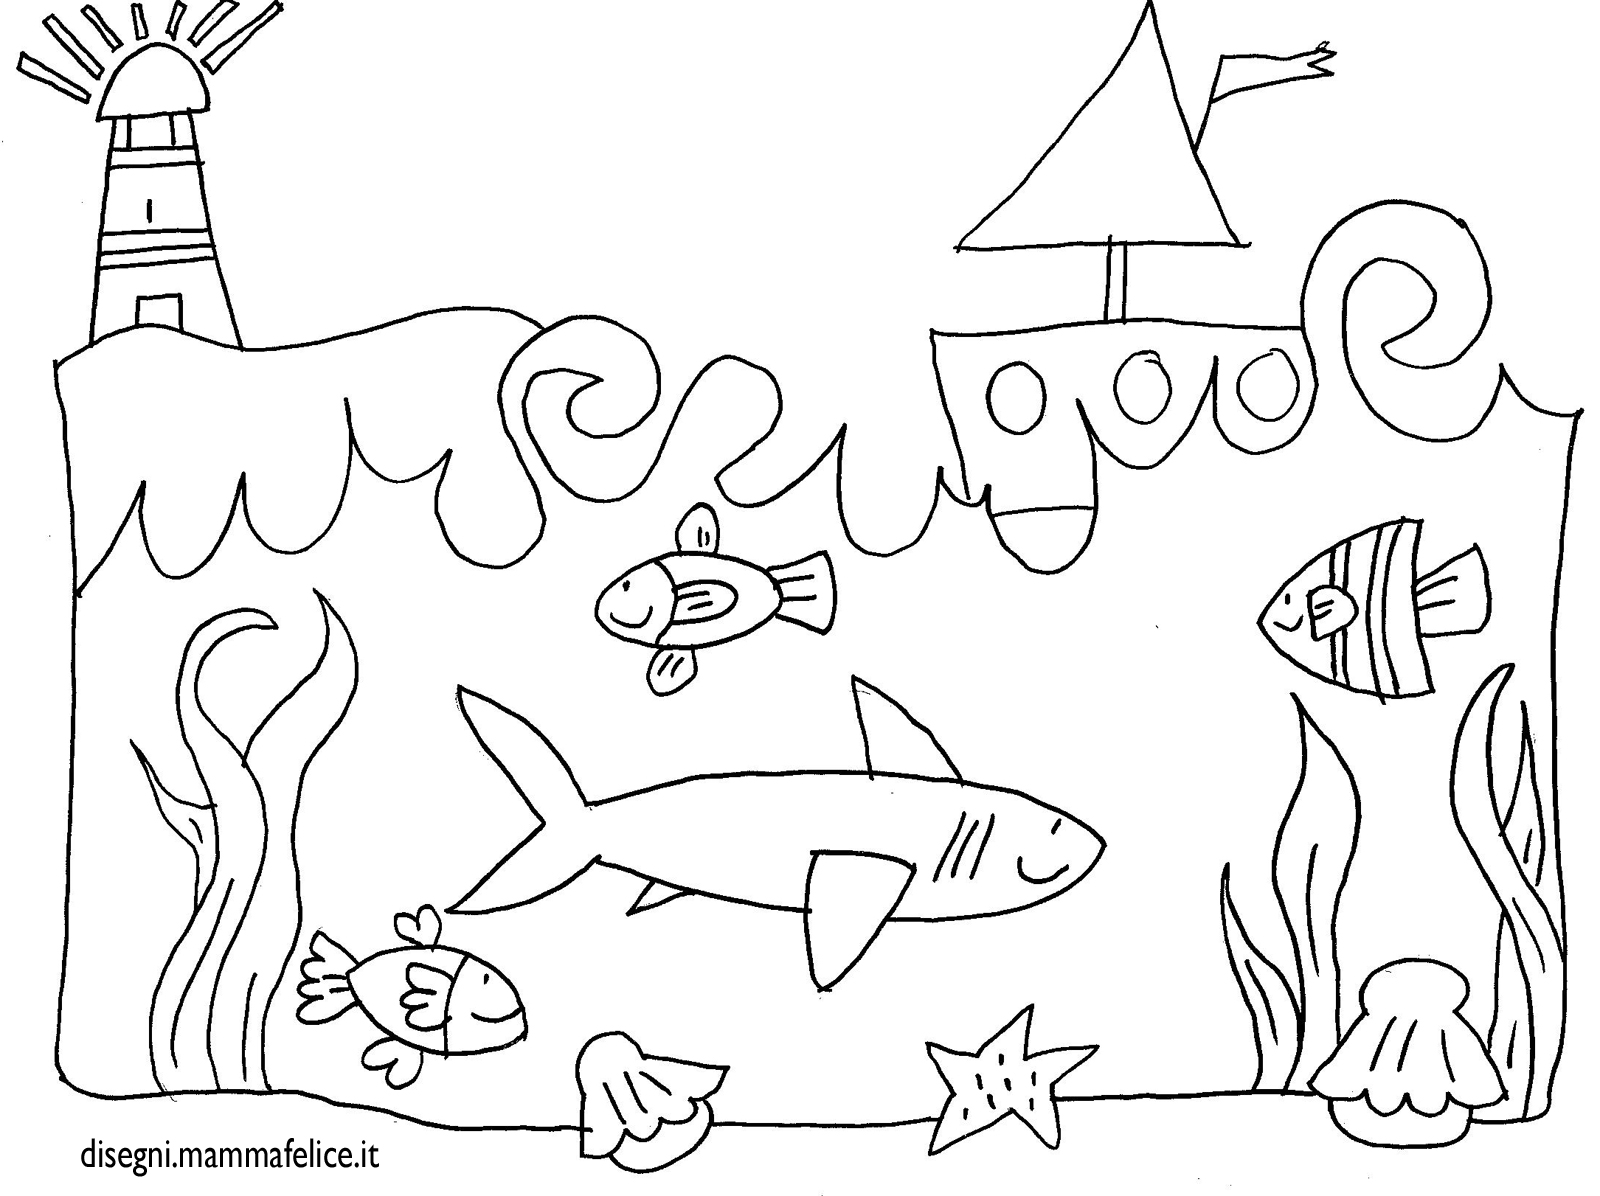 disegno per bambini da colorare gratis mare paesaggio